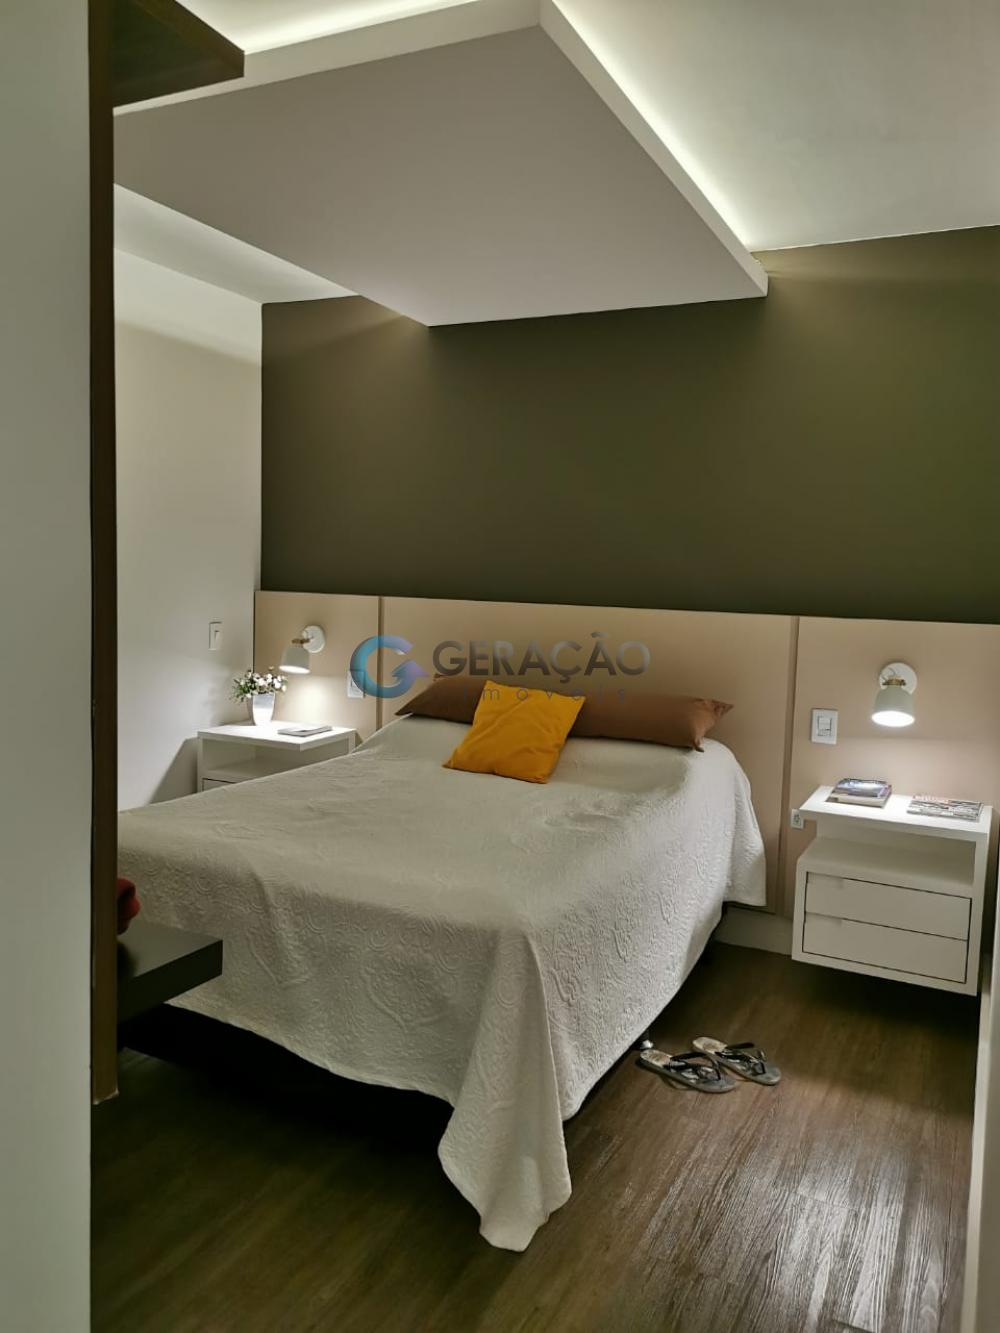 Comprar Apartamento / Padrão em São José dos Campos apenas R$ 1.100.000,00 - Foto 15